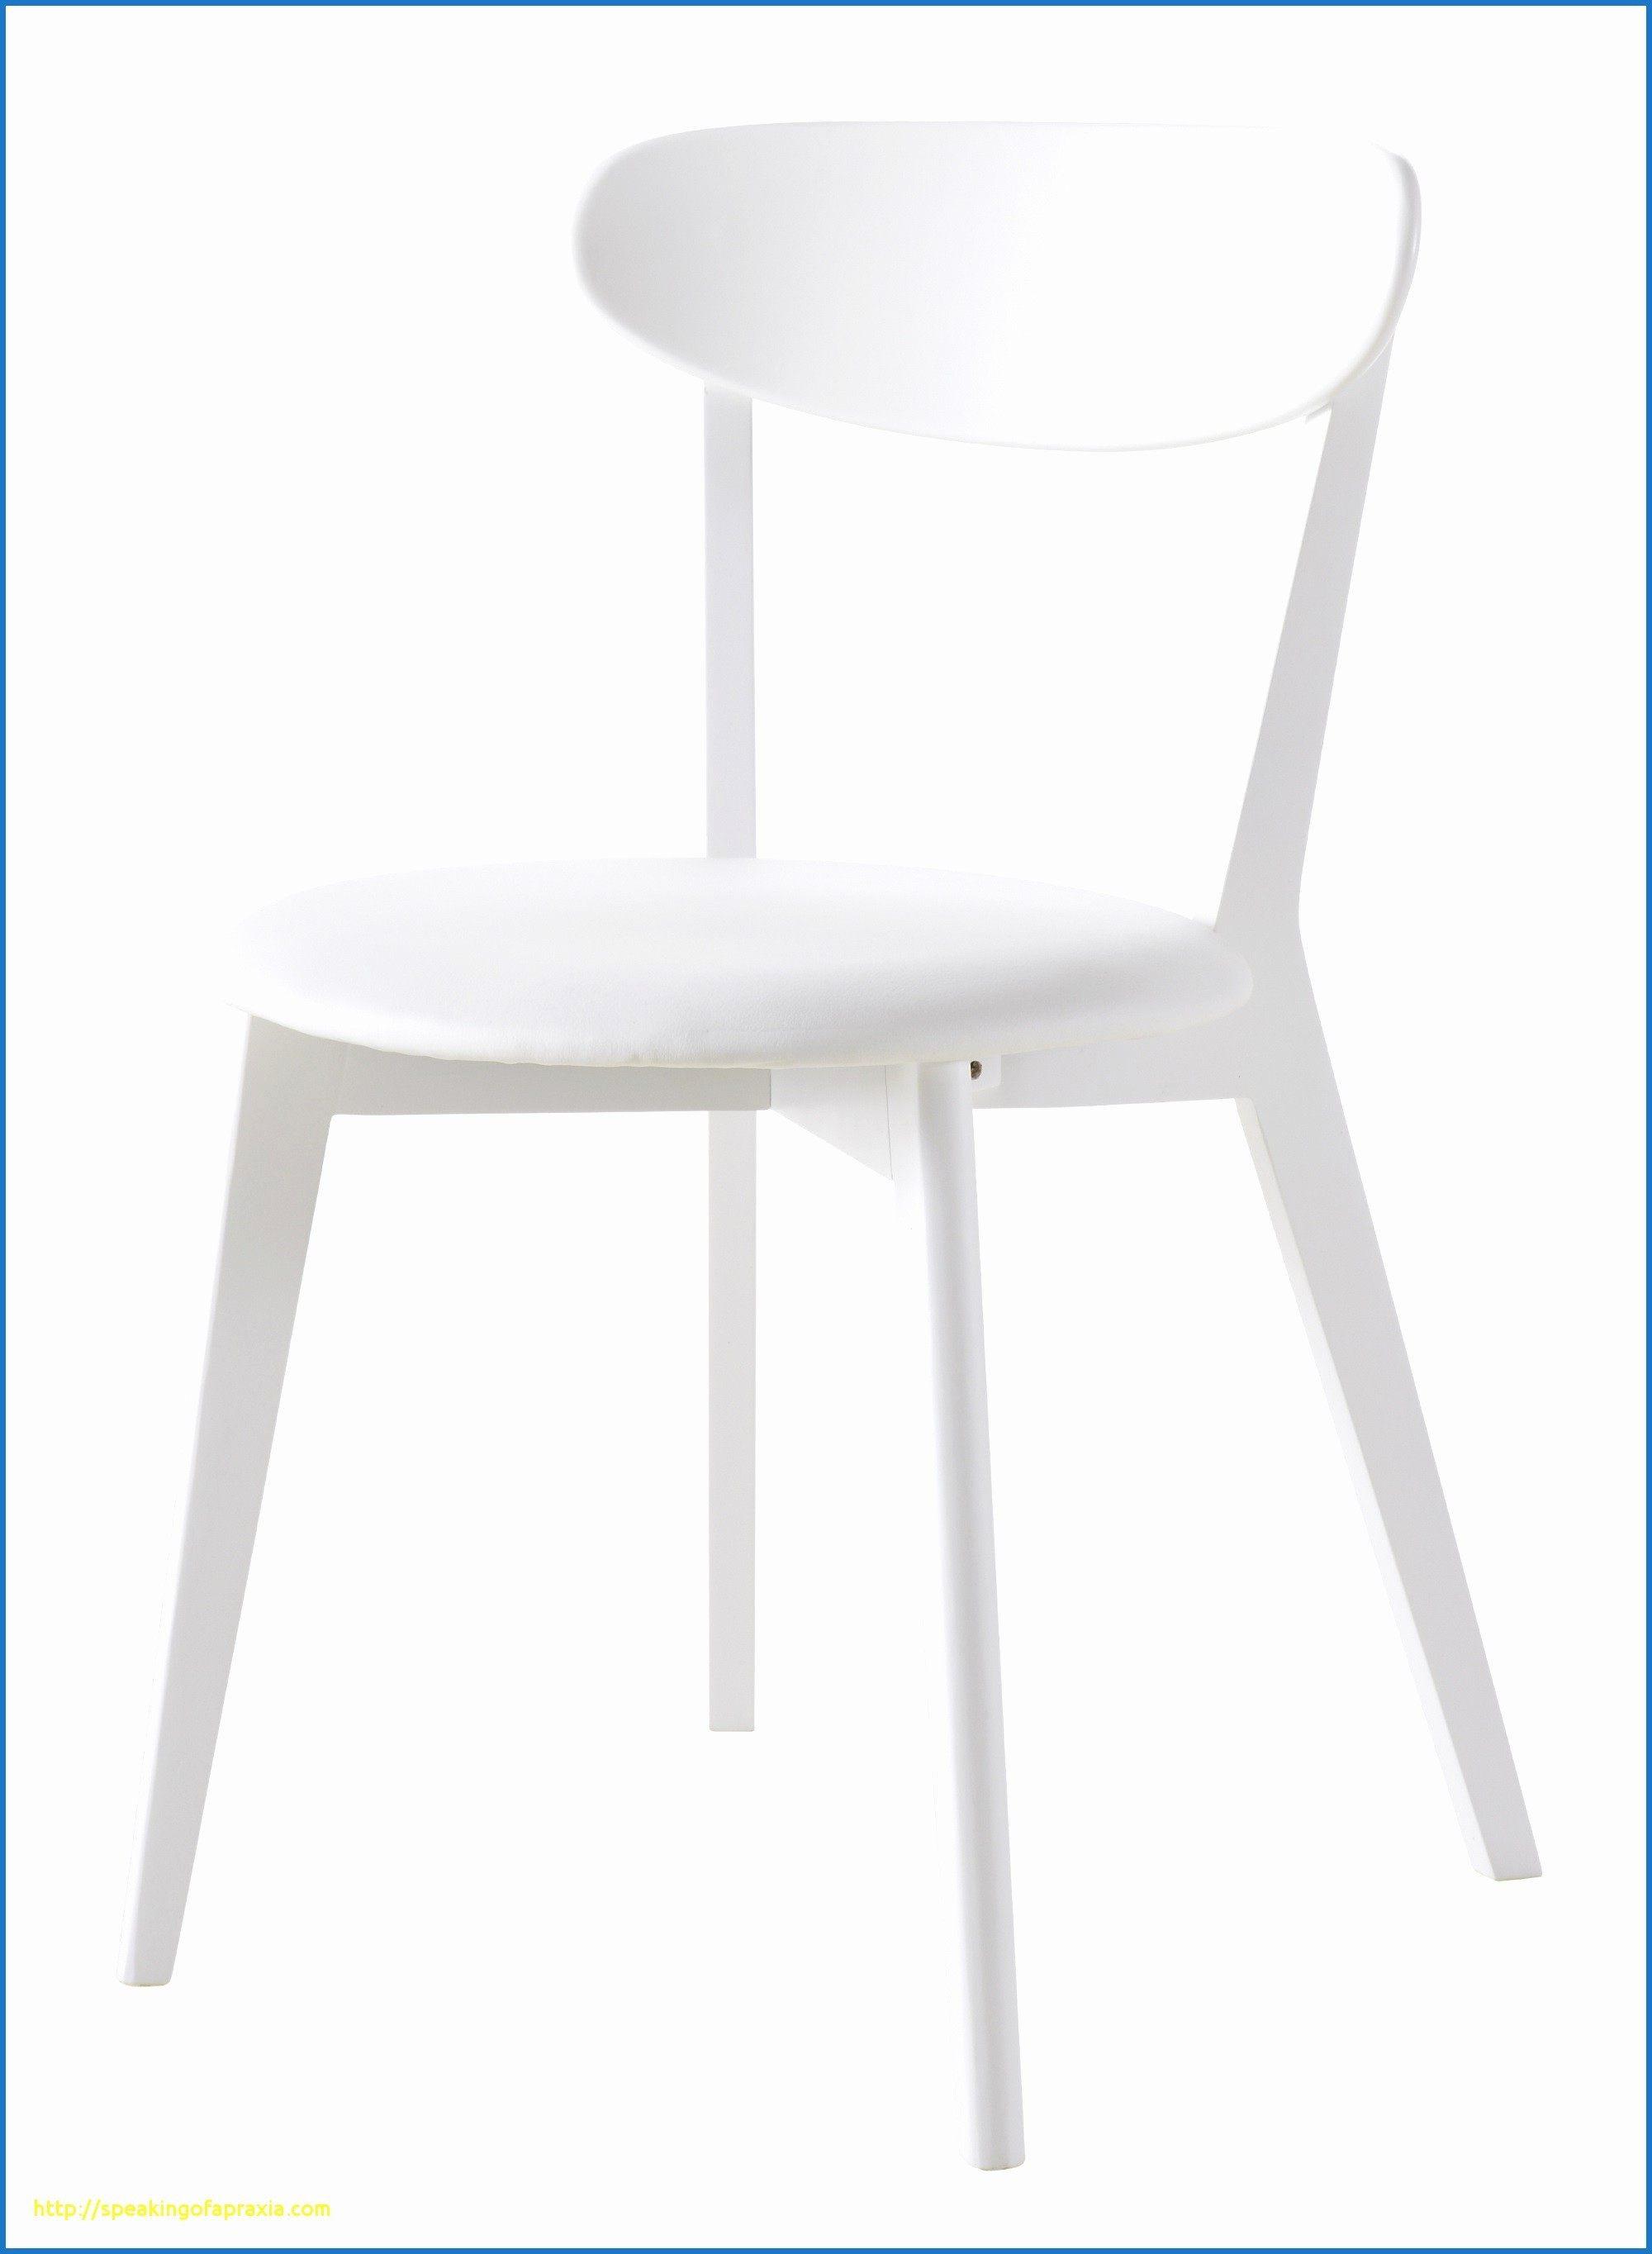 Lit Pour Bébé Ikea Agréable Chaise Auto Bébé Chaise Bébé Nomade Tapis Chambre Bebe Best Parc B